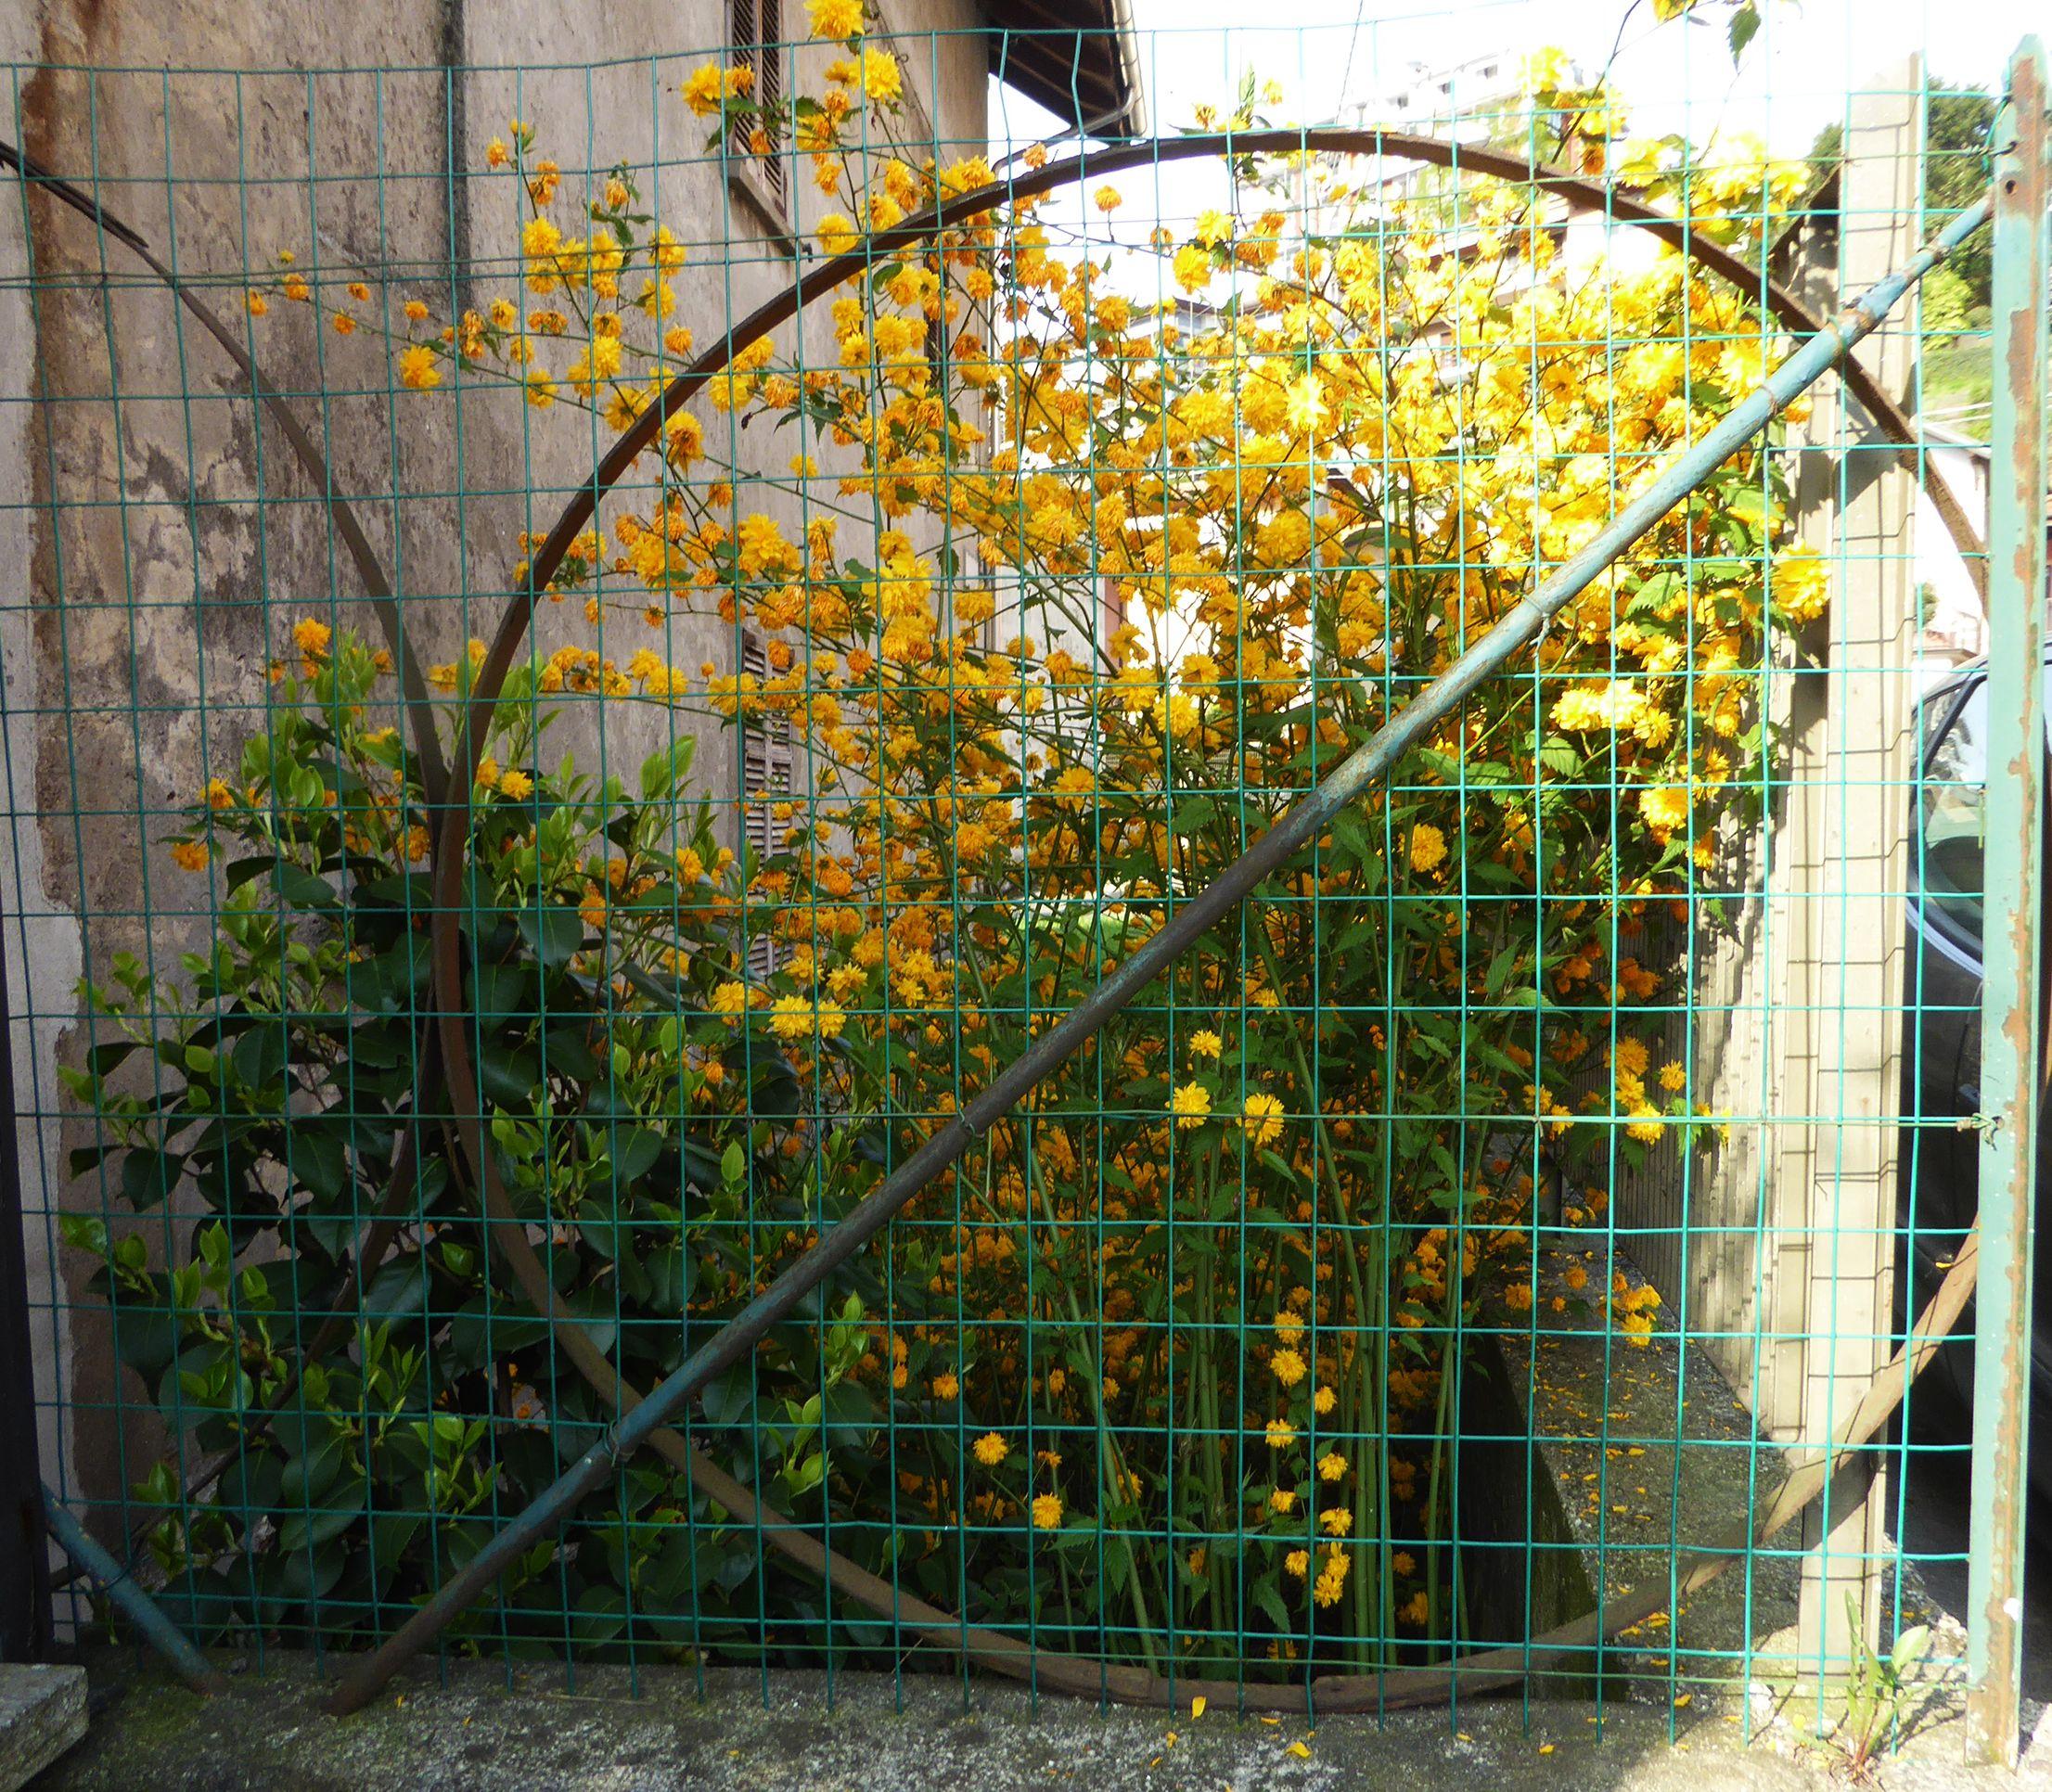 Pin On Botanica Piante E Fiori